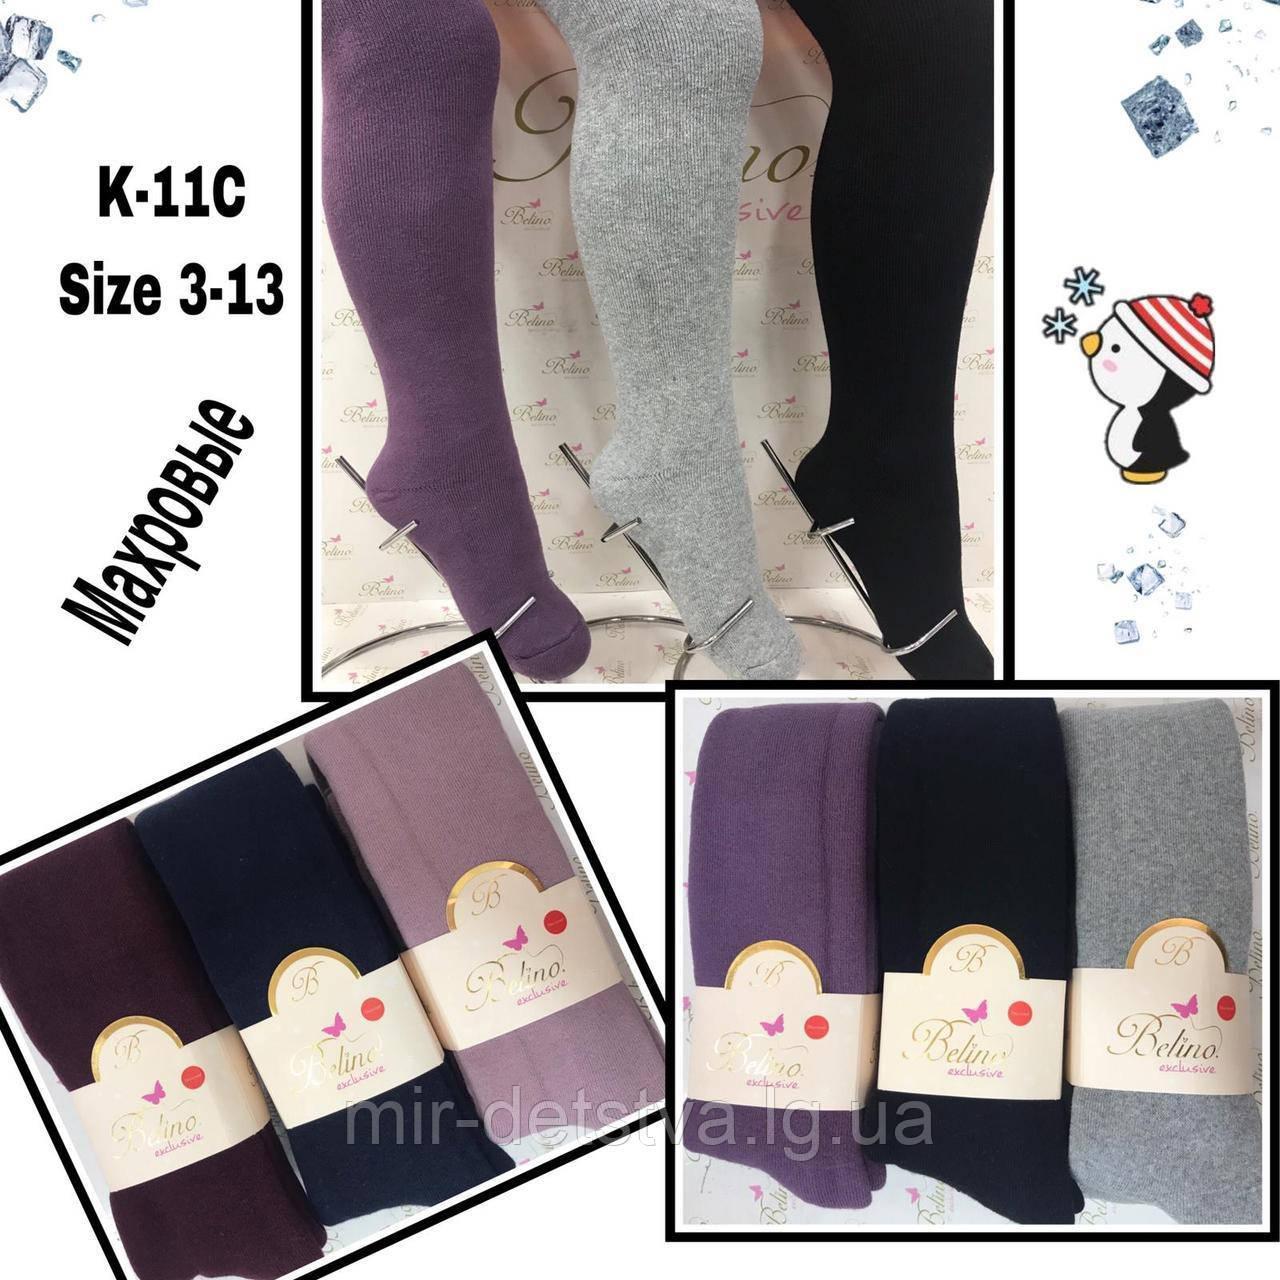 Махровые колготки для девочек оптом, Турция ТМ Belino р.9-10 лет (134-140 см)